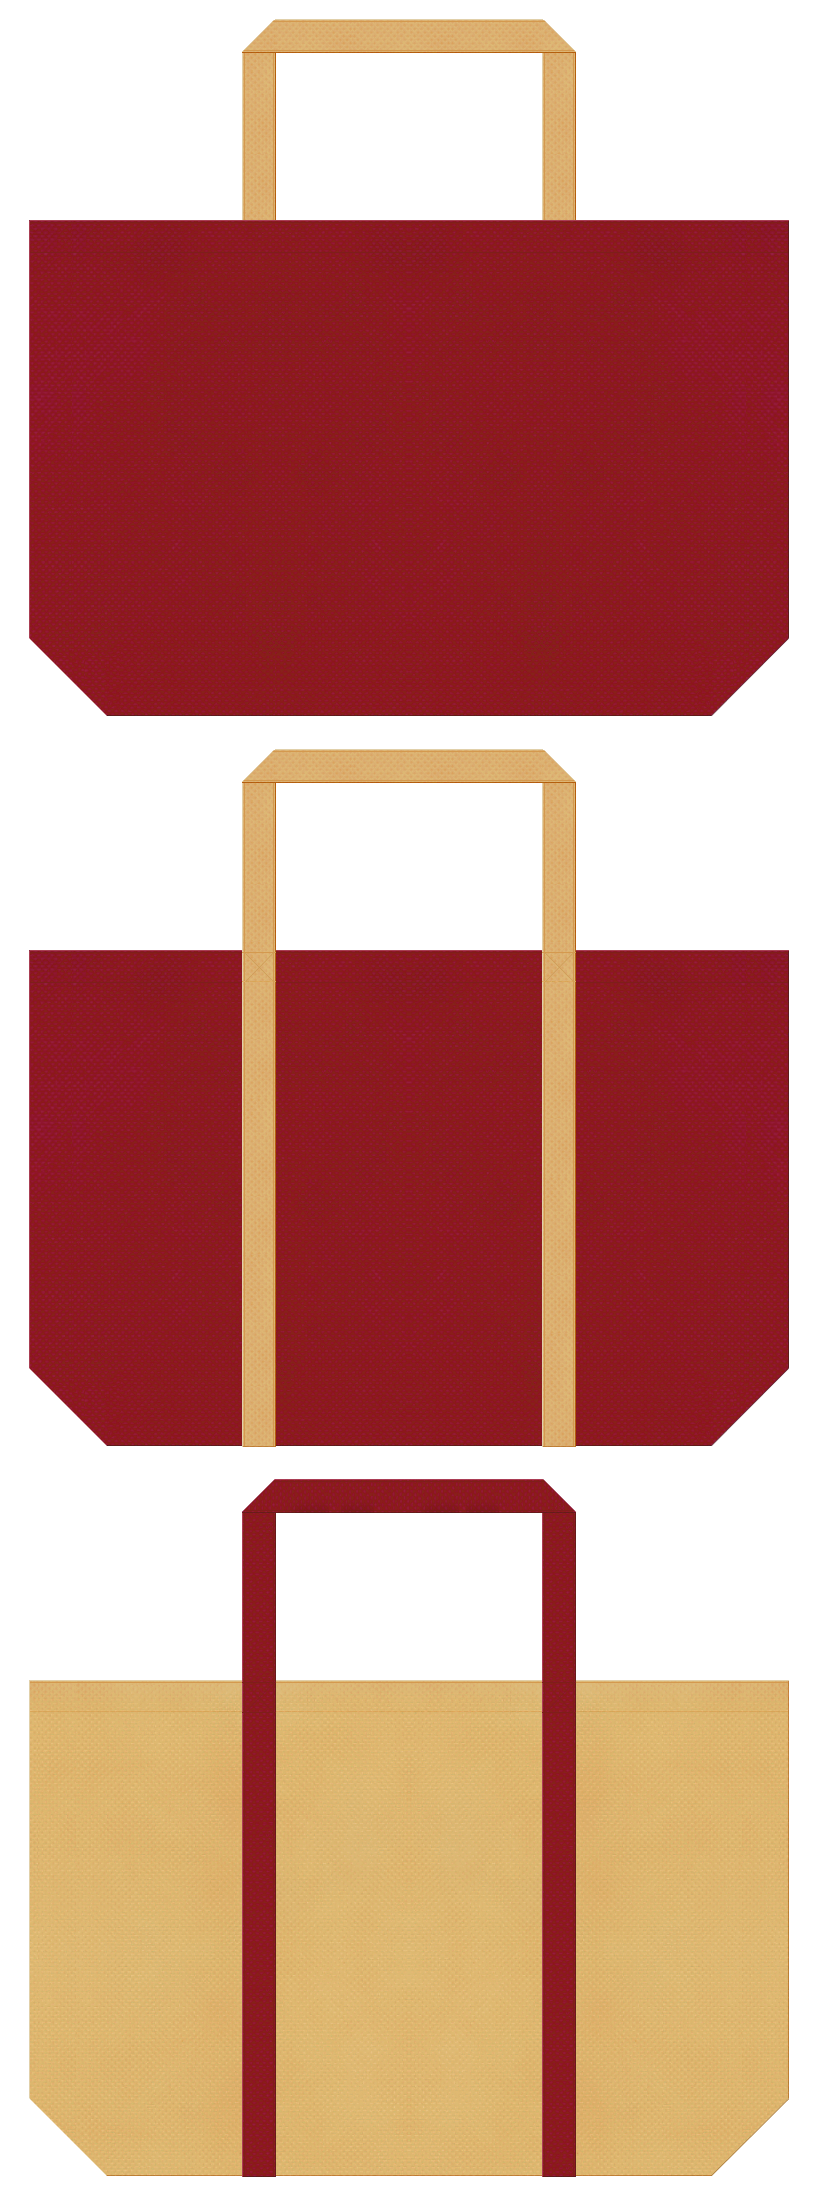 納豆・邦楽・能・浄瑠璃・伝統芸能・寄席・演芸場・満員御礼・和風催事・大豆・節分用品のショッピングバッグ:エンジ色と薄黄土色の不織布ショッピングバッグのデザイン